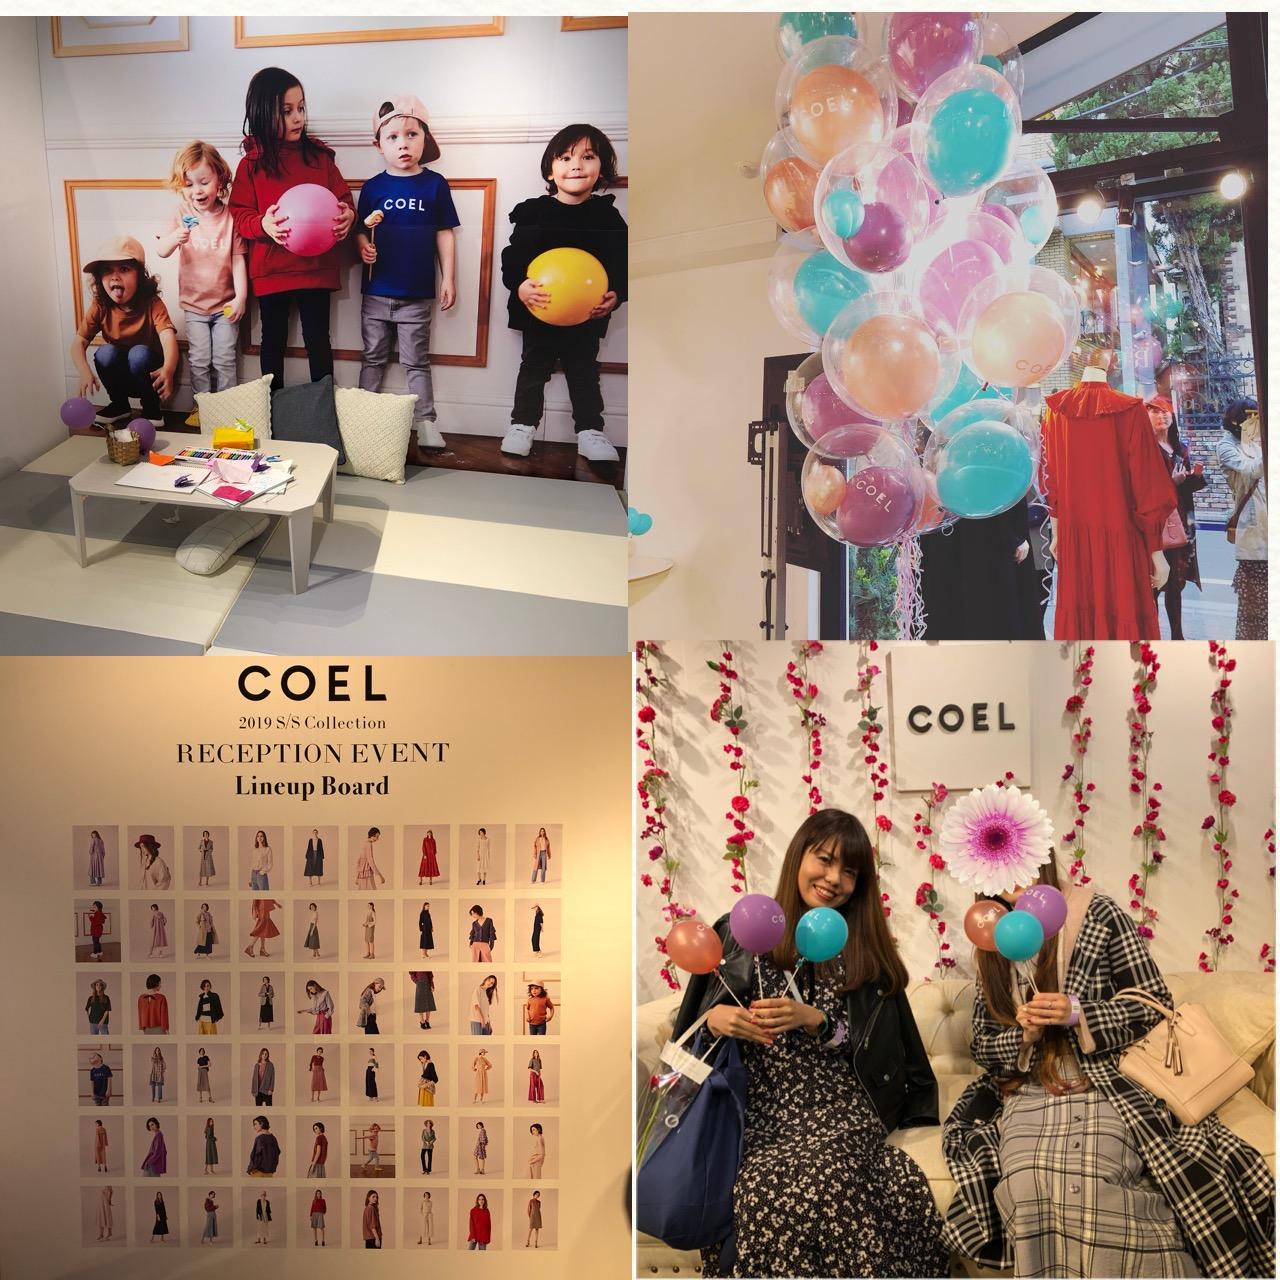 憧れのモデル*ヨンアちゃんにも会える!COEL 2019S/S RECEPTION EVENTに行ってきました♡_2